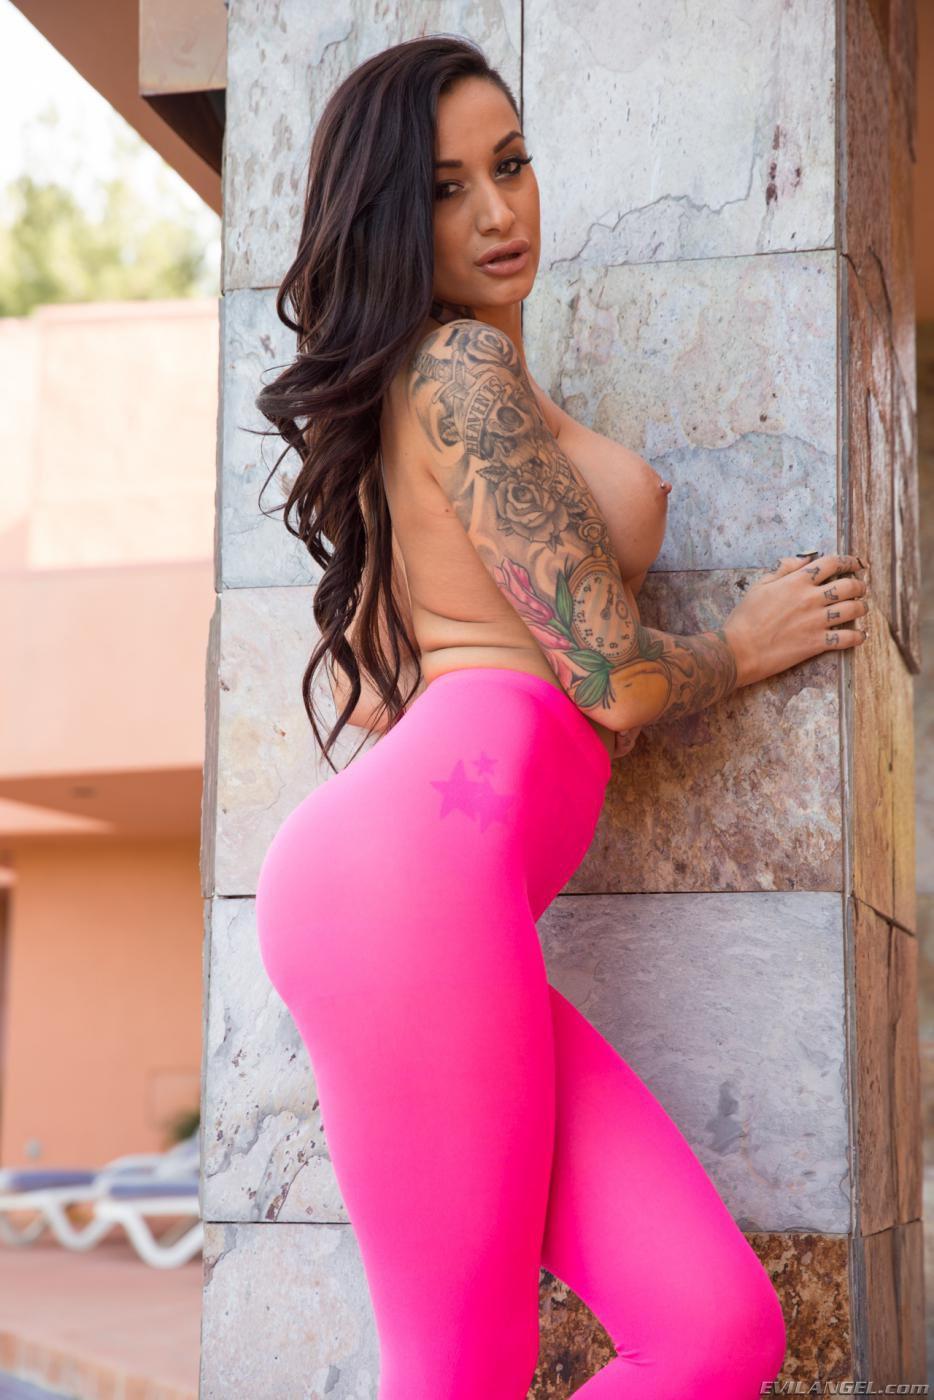 Анальная девка Alby Ryder в розовых колготках